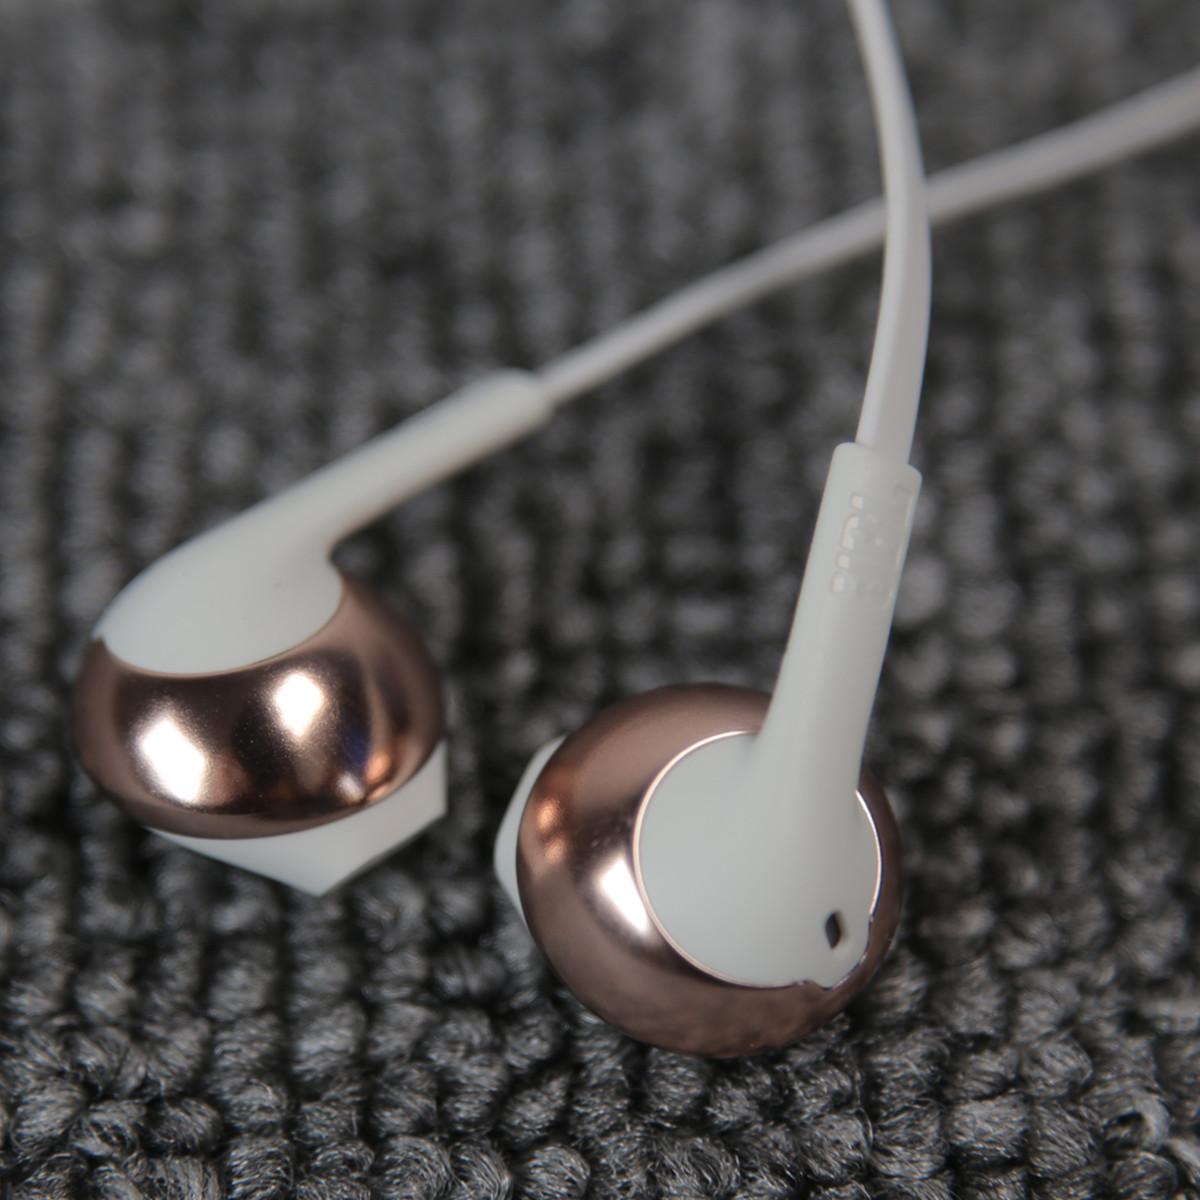 JBL T205半入耳式有线K歌高音质通用面条线美国大牌原装睡眠耳机